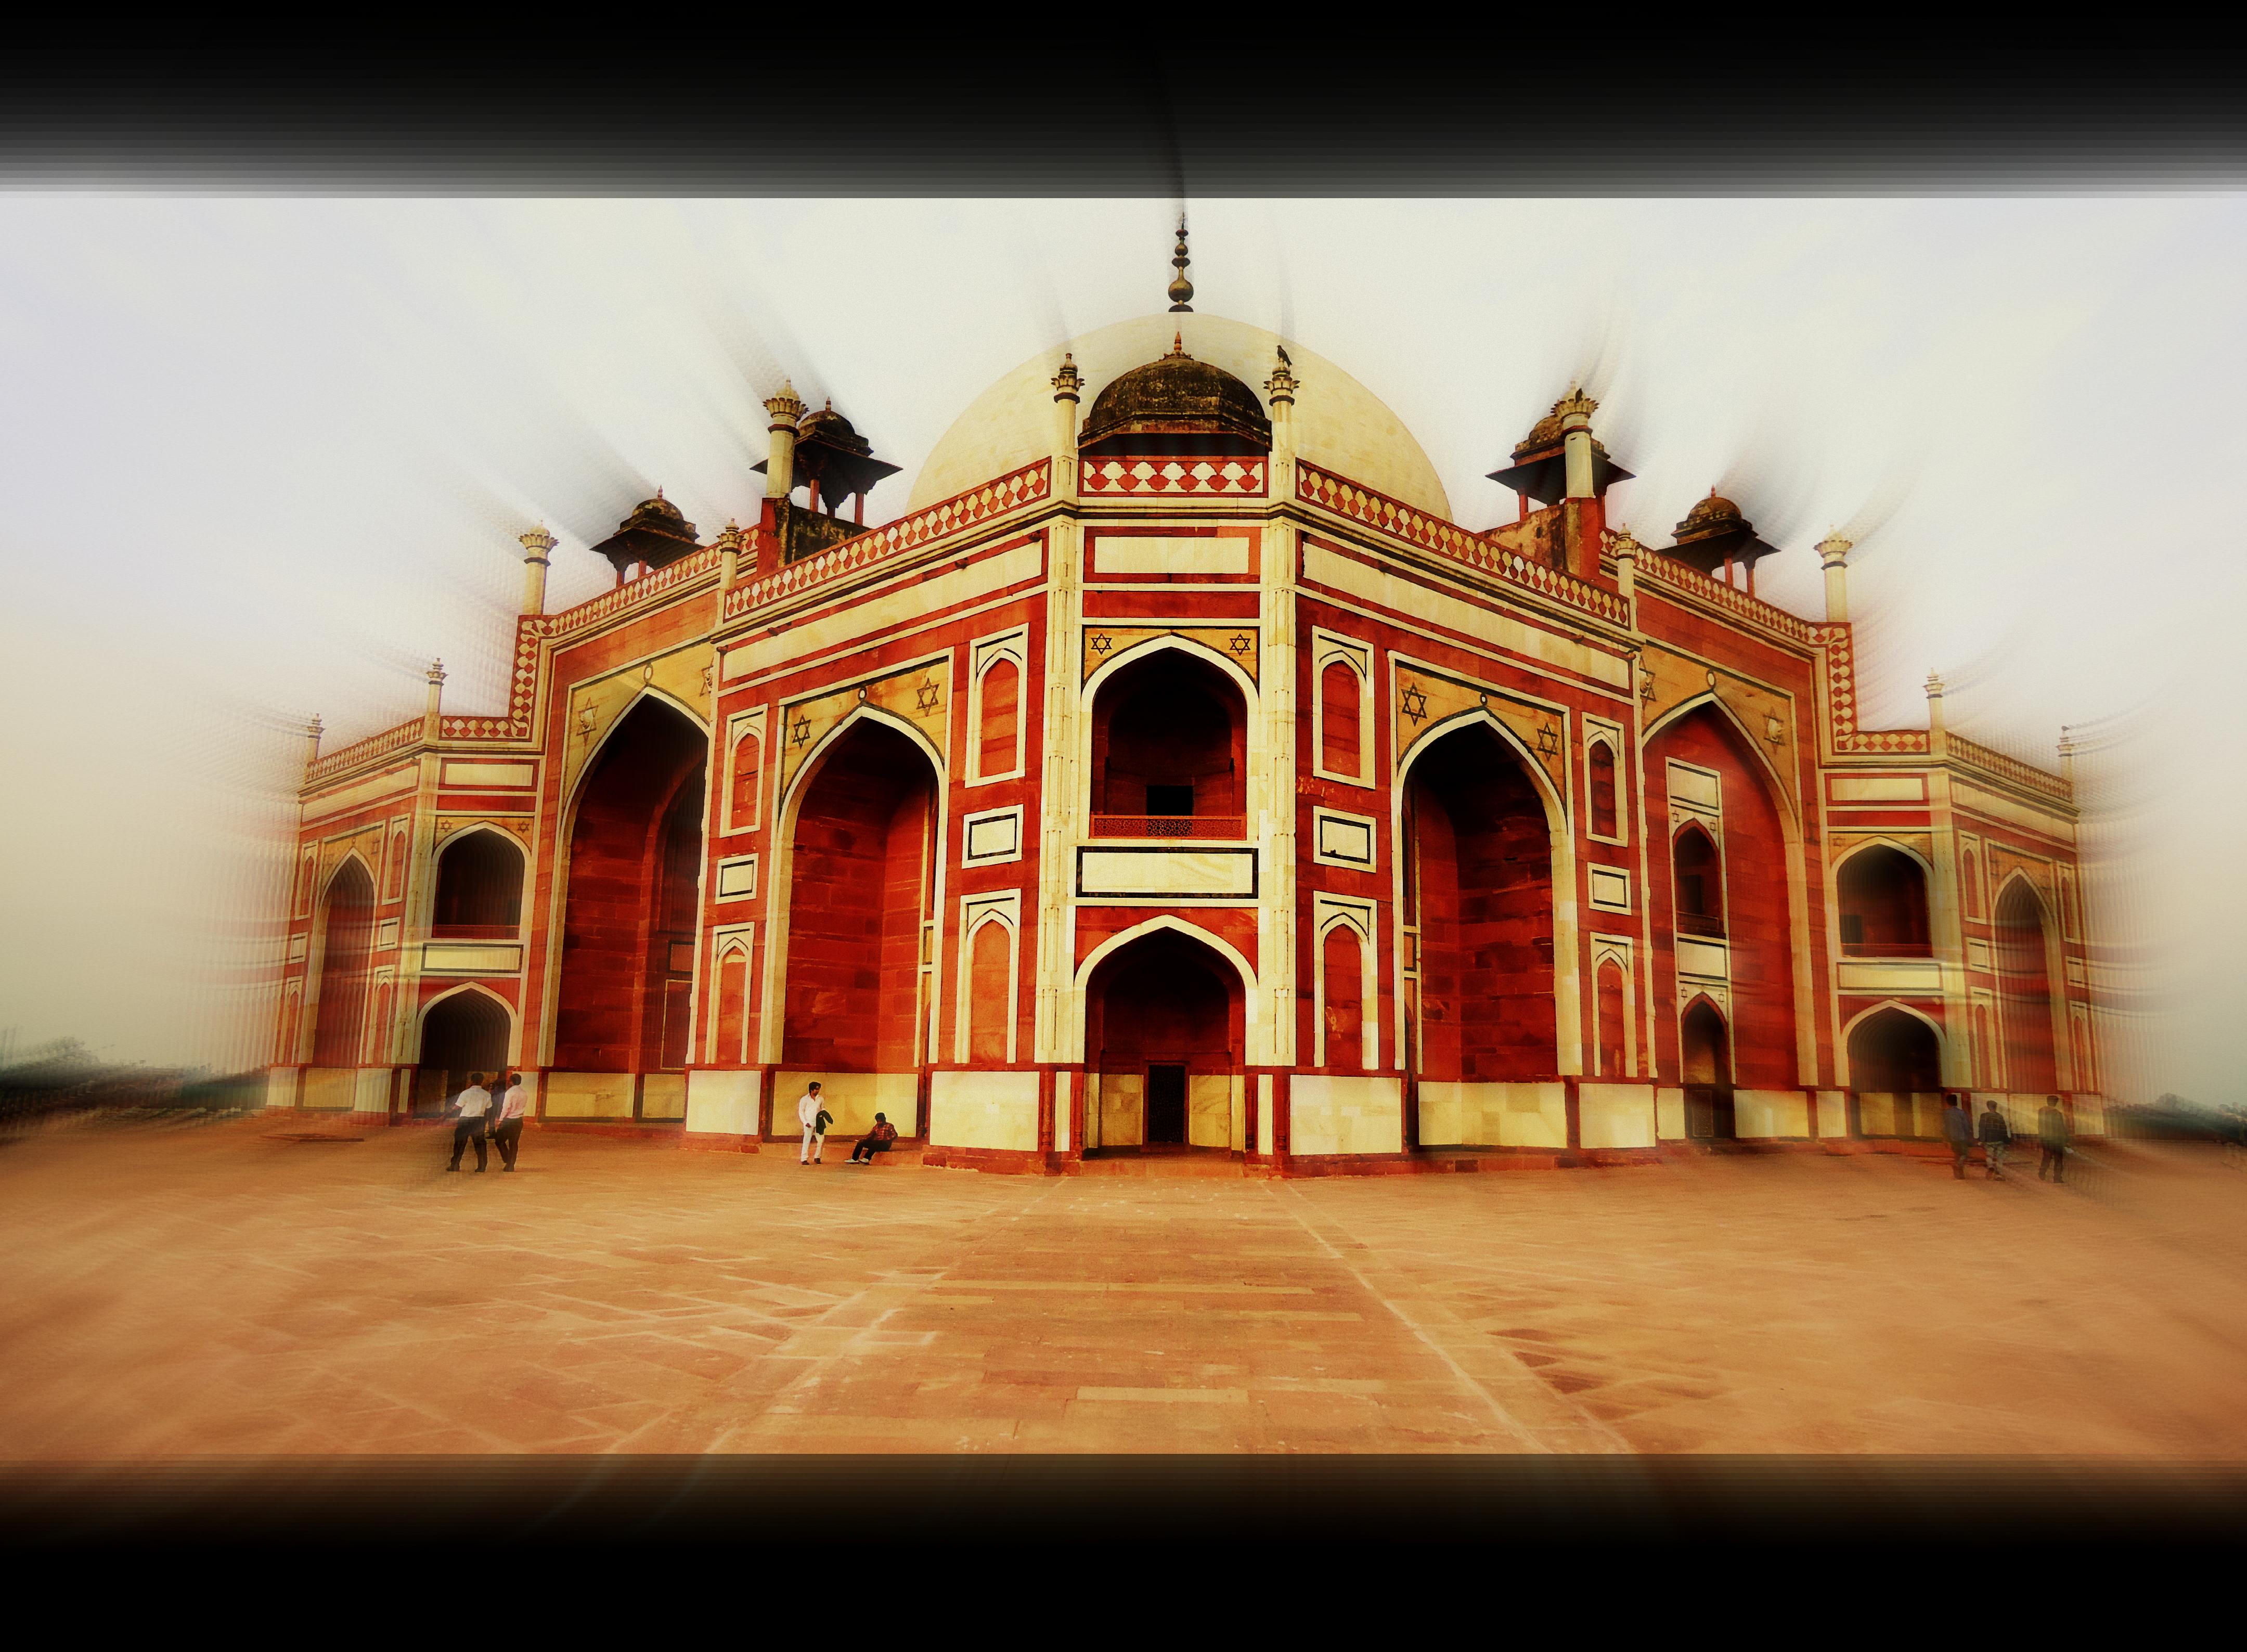 Humayun's Tomb shubhankar kapoor